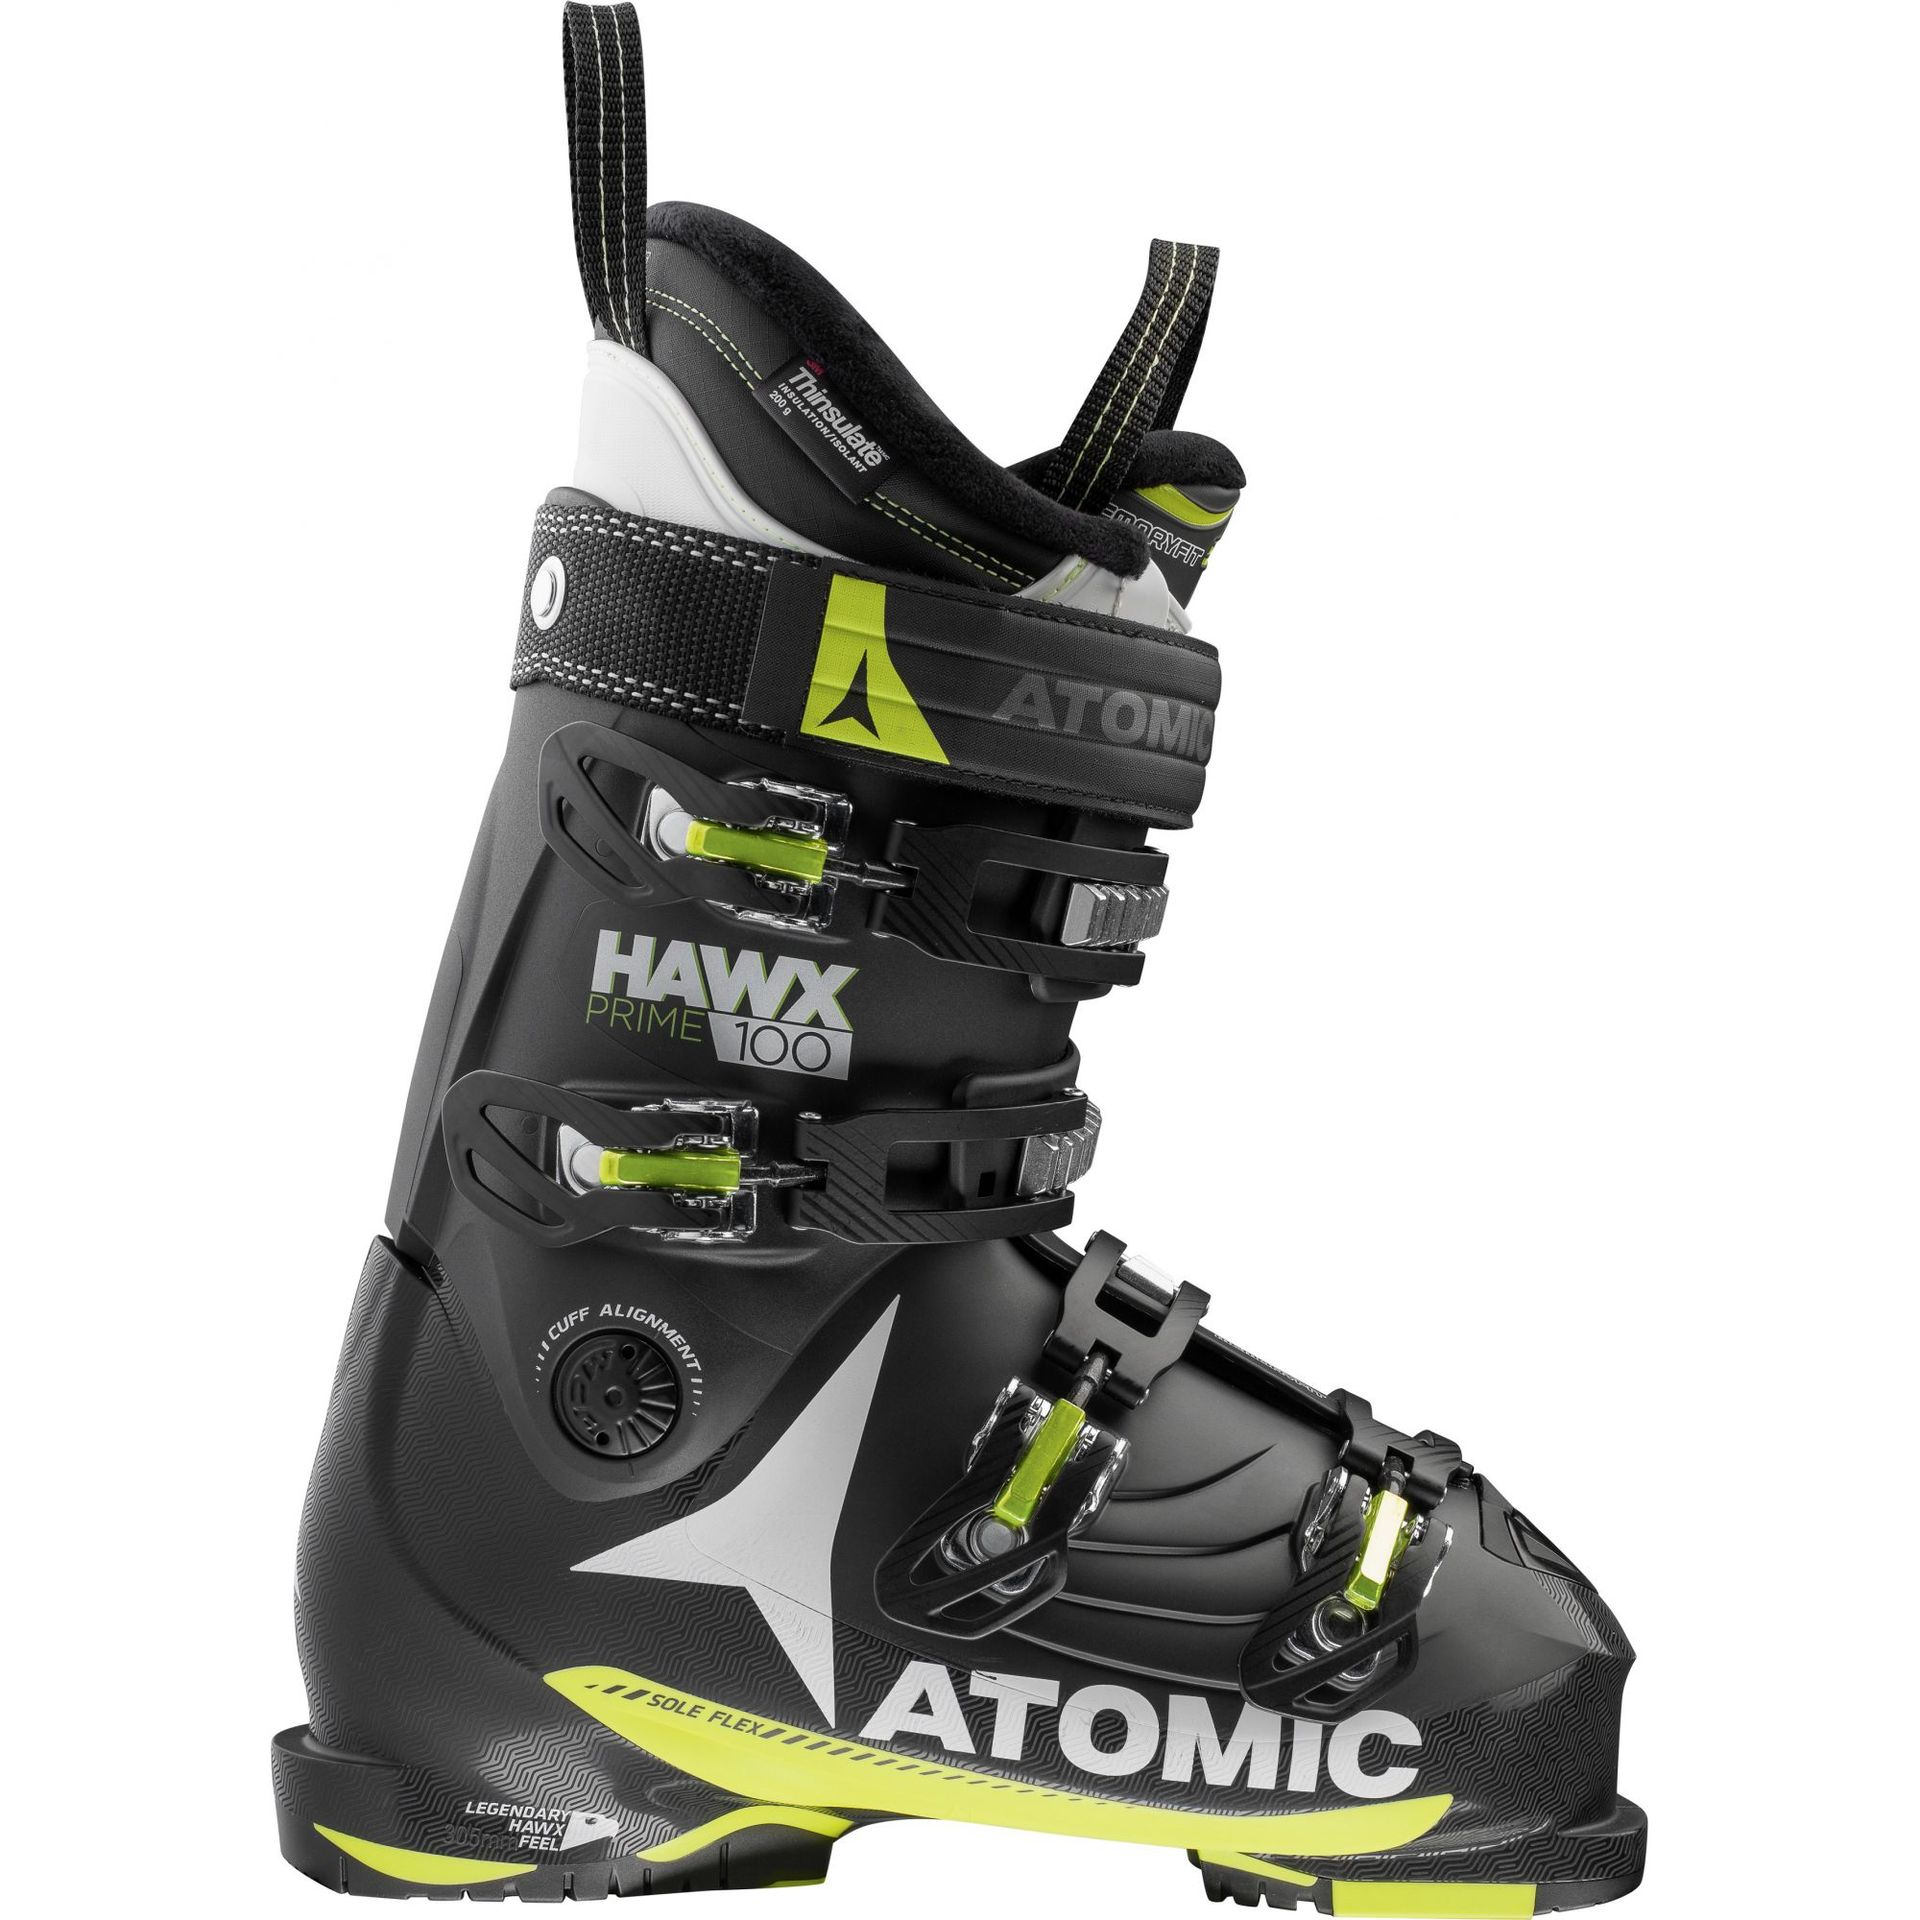 BUTY NARCIARSKIE ATOMIC HAWX PRIME 100 740 1